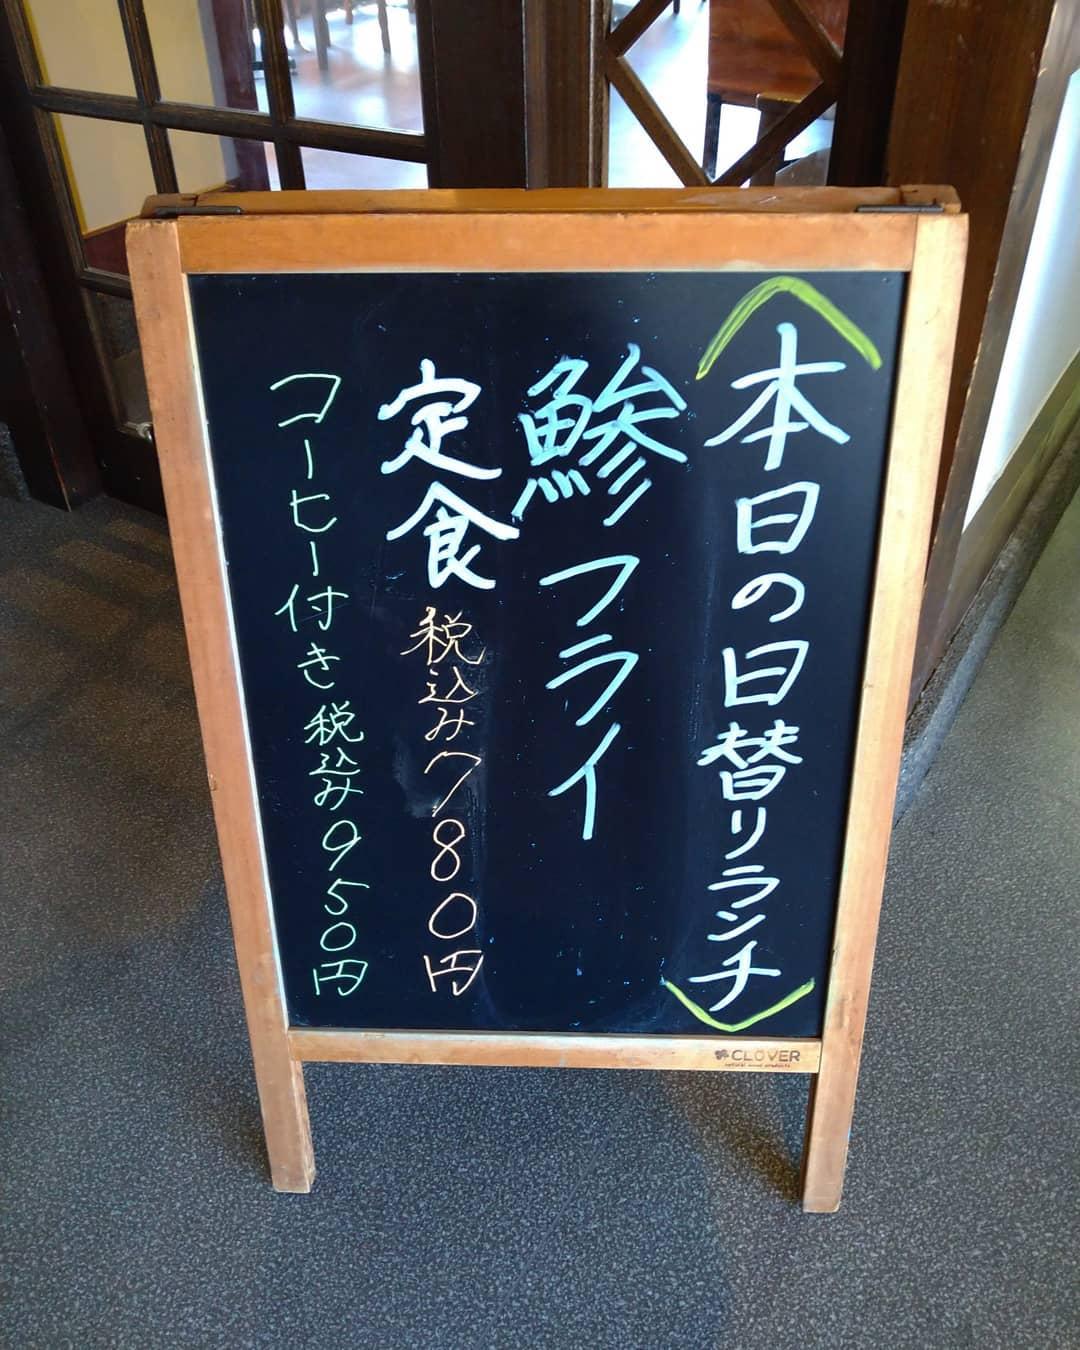 本日の日替わりランチ、鯵フライ定食になります  ご来店お待ちしております!!